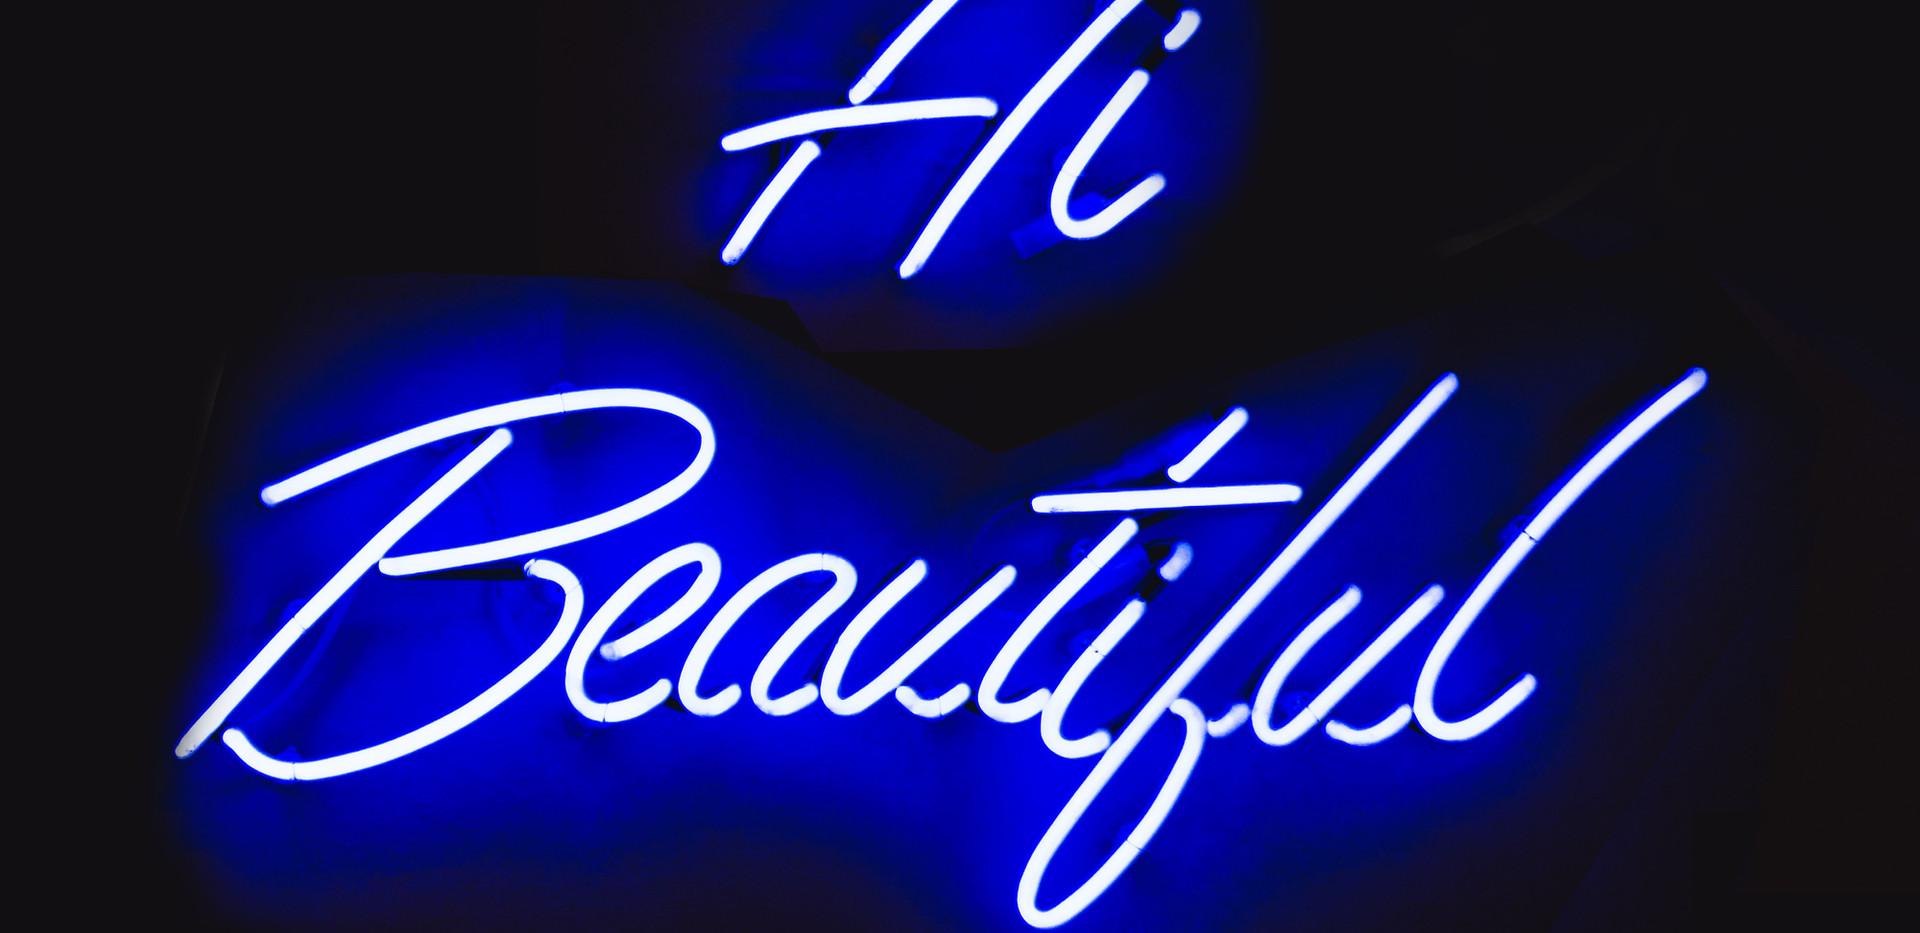 Blue LED Neon Lights